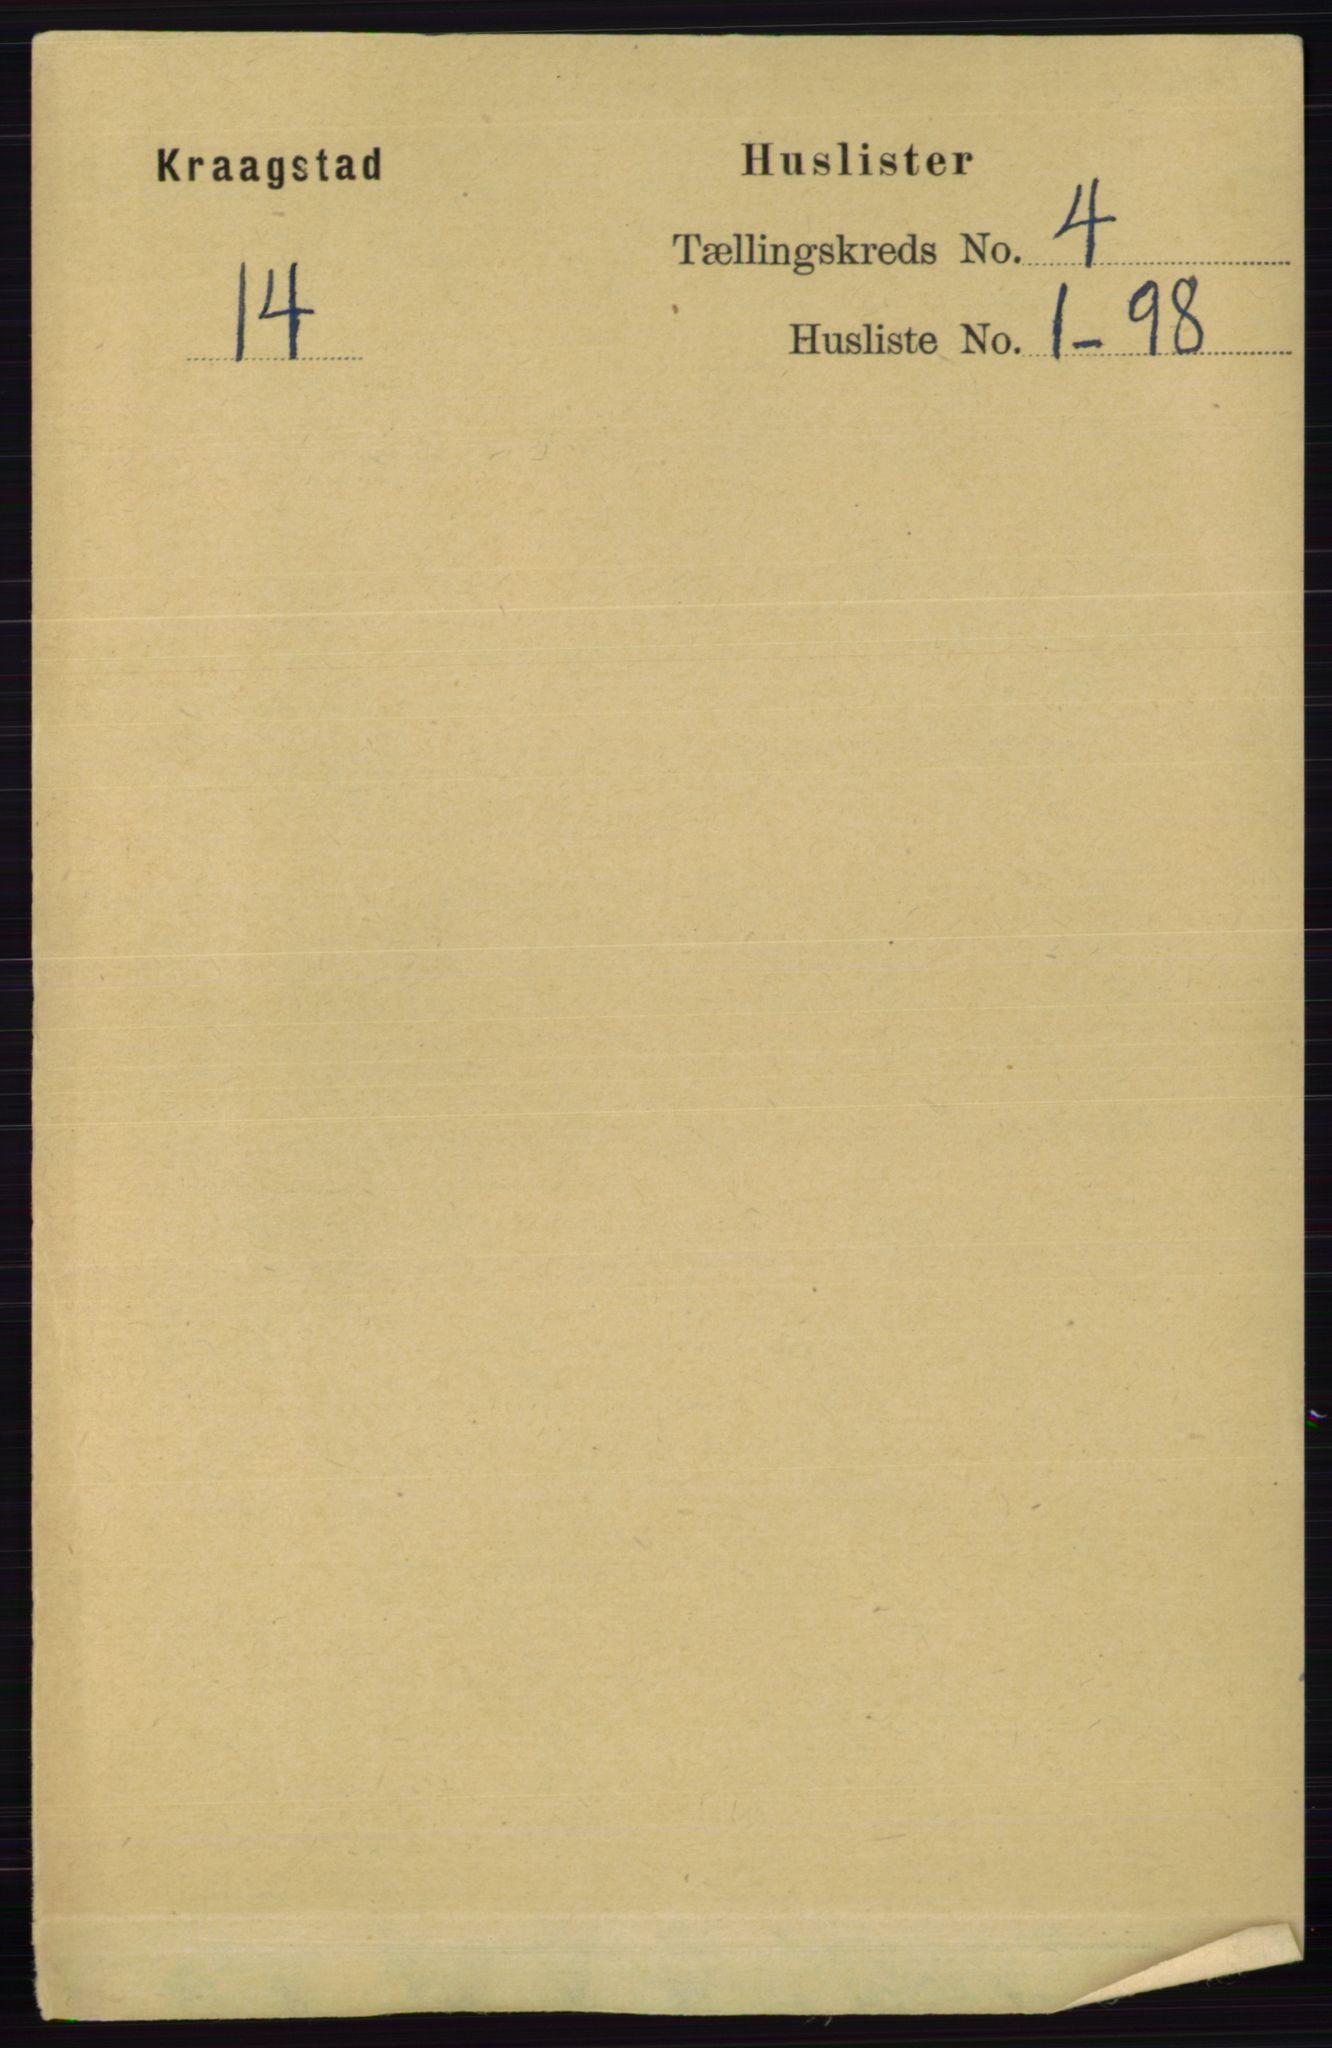 RA, Folketelling 1891 for 0212 Kråkstad herred, 1891, s. 1619